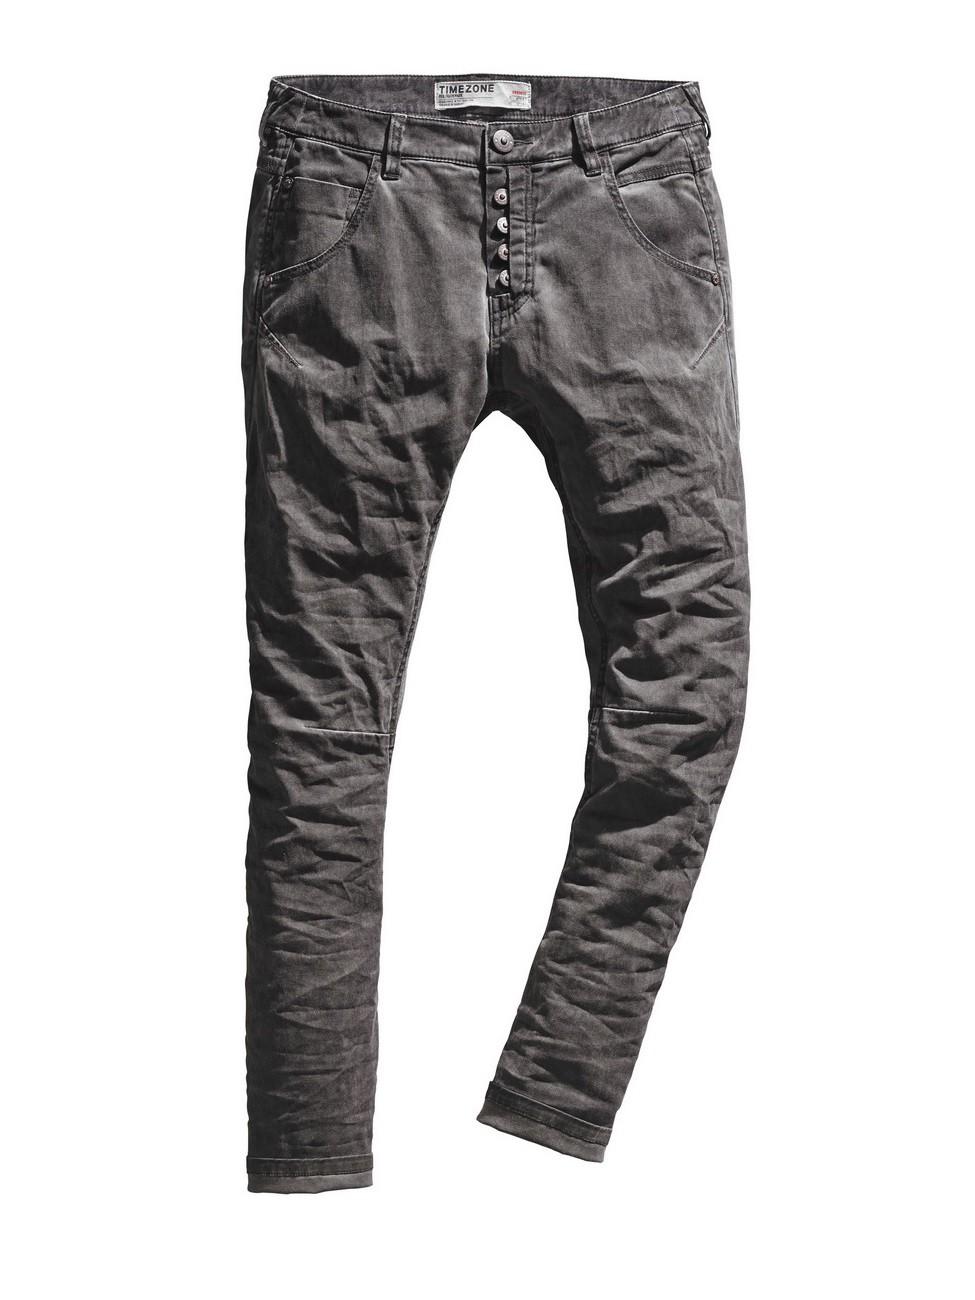 timezone damen hose rivatz slim fit warm brown kaufen jeans direct de. Black Bedroom Furniture Sets. Home Design Ideas